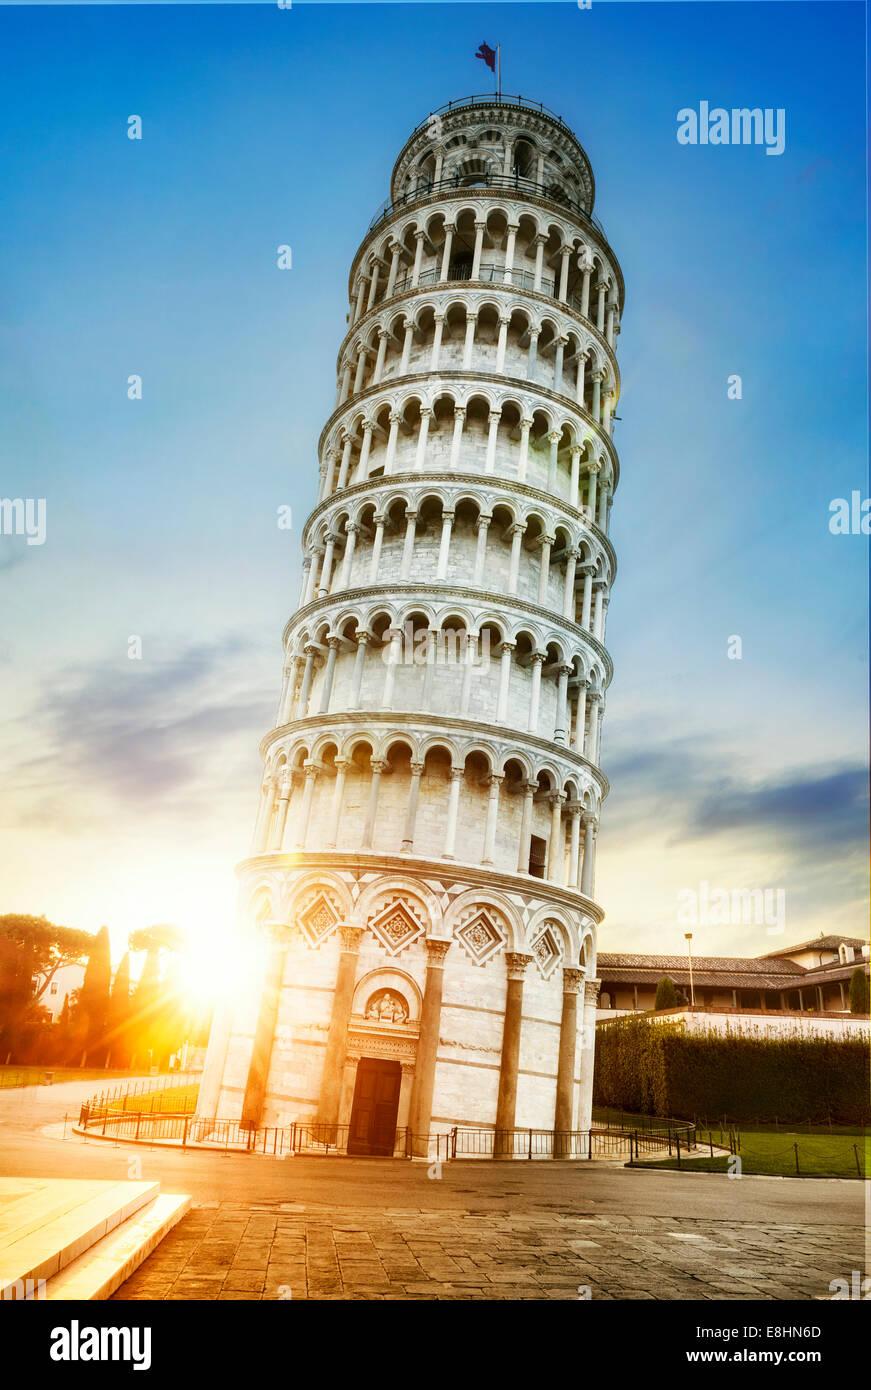 Pisa, lugar de milagros: la torre inclinada, la catedral y el baptisterio, Toscana, Italia Imagen De Stock